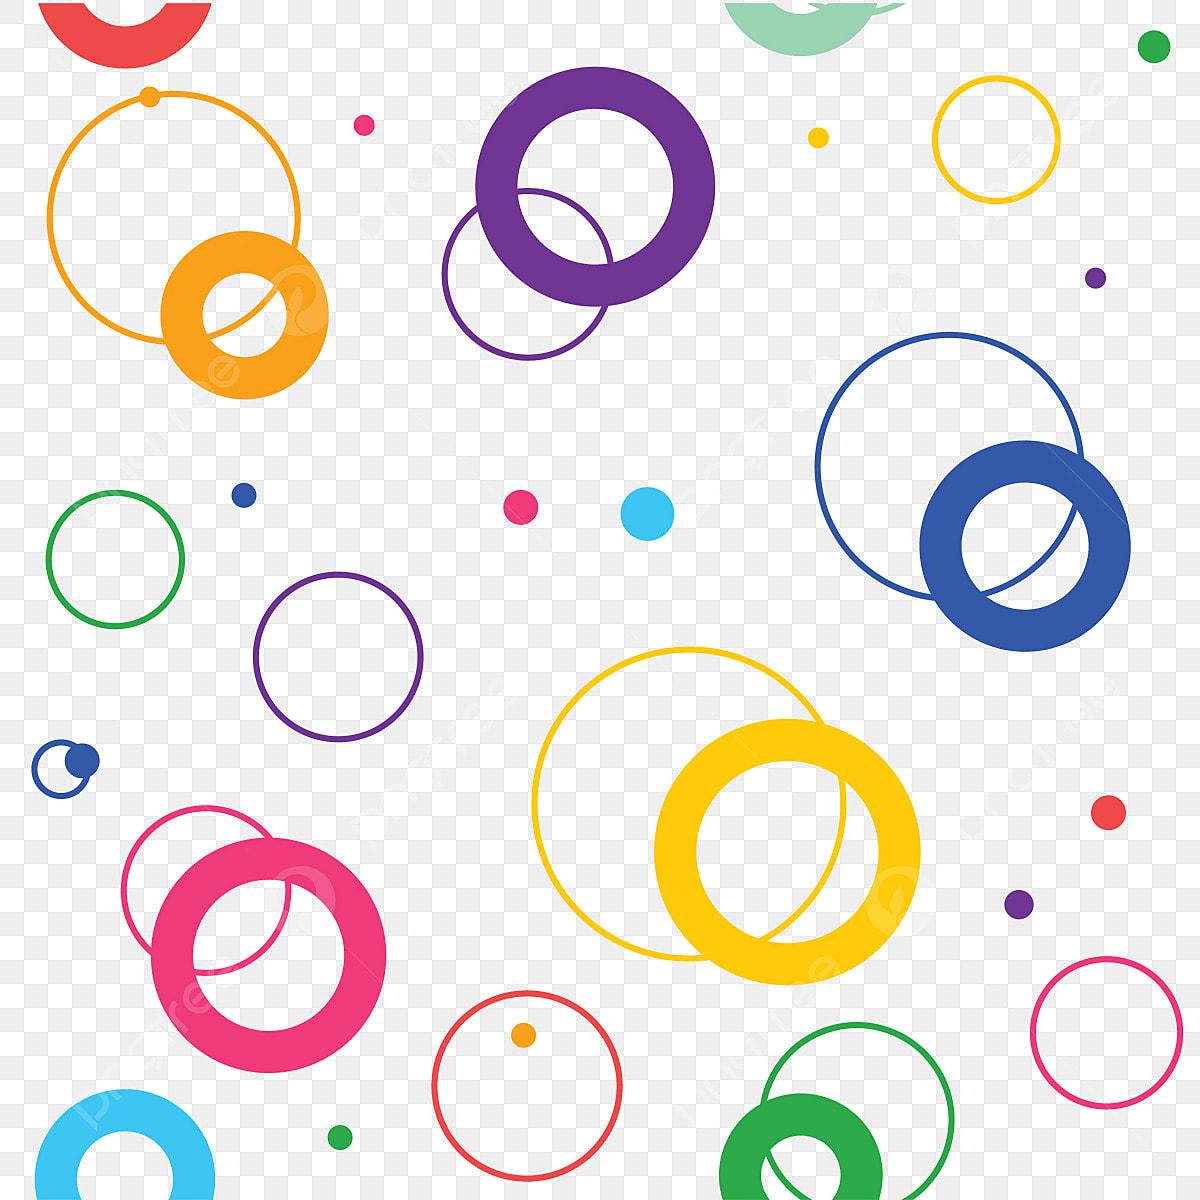 شكل هندسي دائري الخلفية نمط نمط دائري خلفية على شكل Png والمتجهات للتحميل مجانا